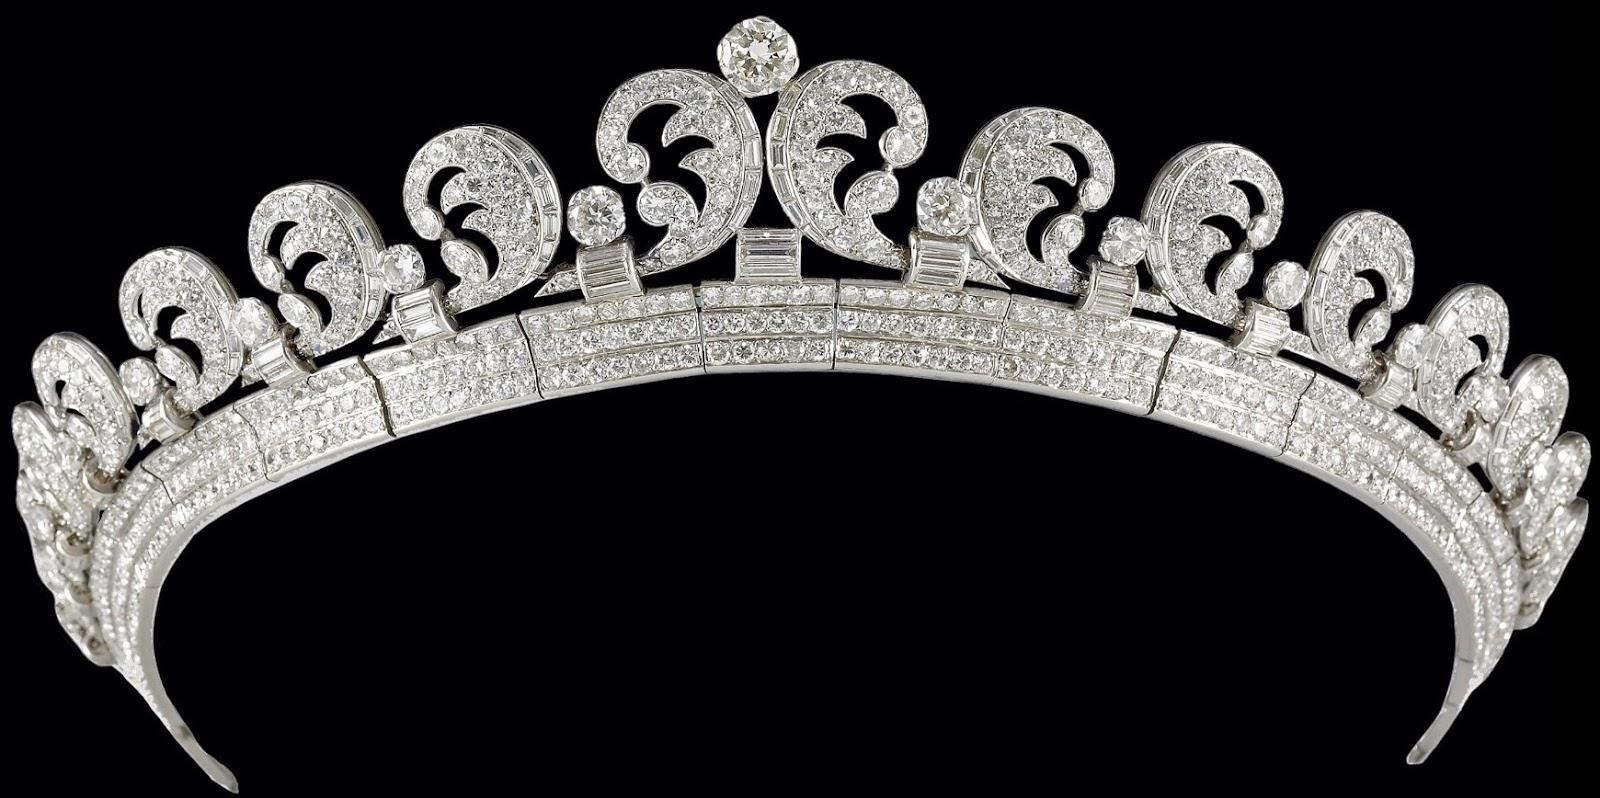 تيجان ملكية  امبراطورية فاخرة Scroll%2BTiara%2B(1936)%2Bby%2BCartier%2Bfrom%2BK%2BGeorge%2BVI%2Bfor%2BQ%2BElizabeth%2B1